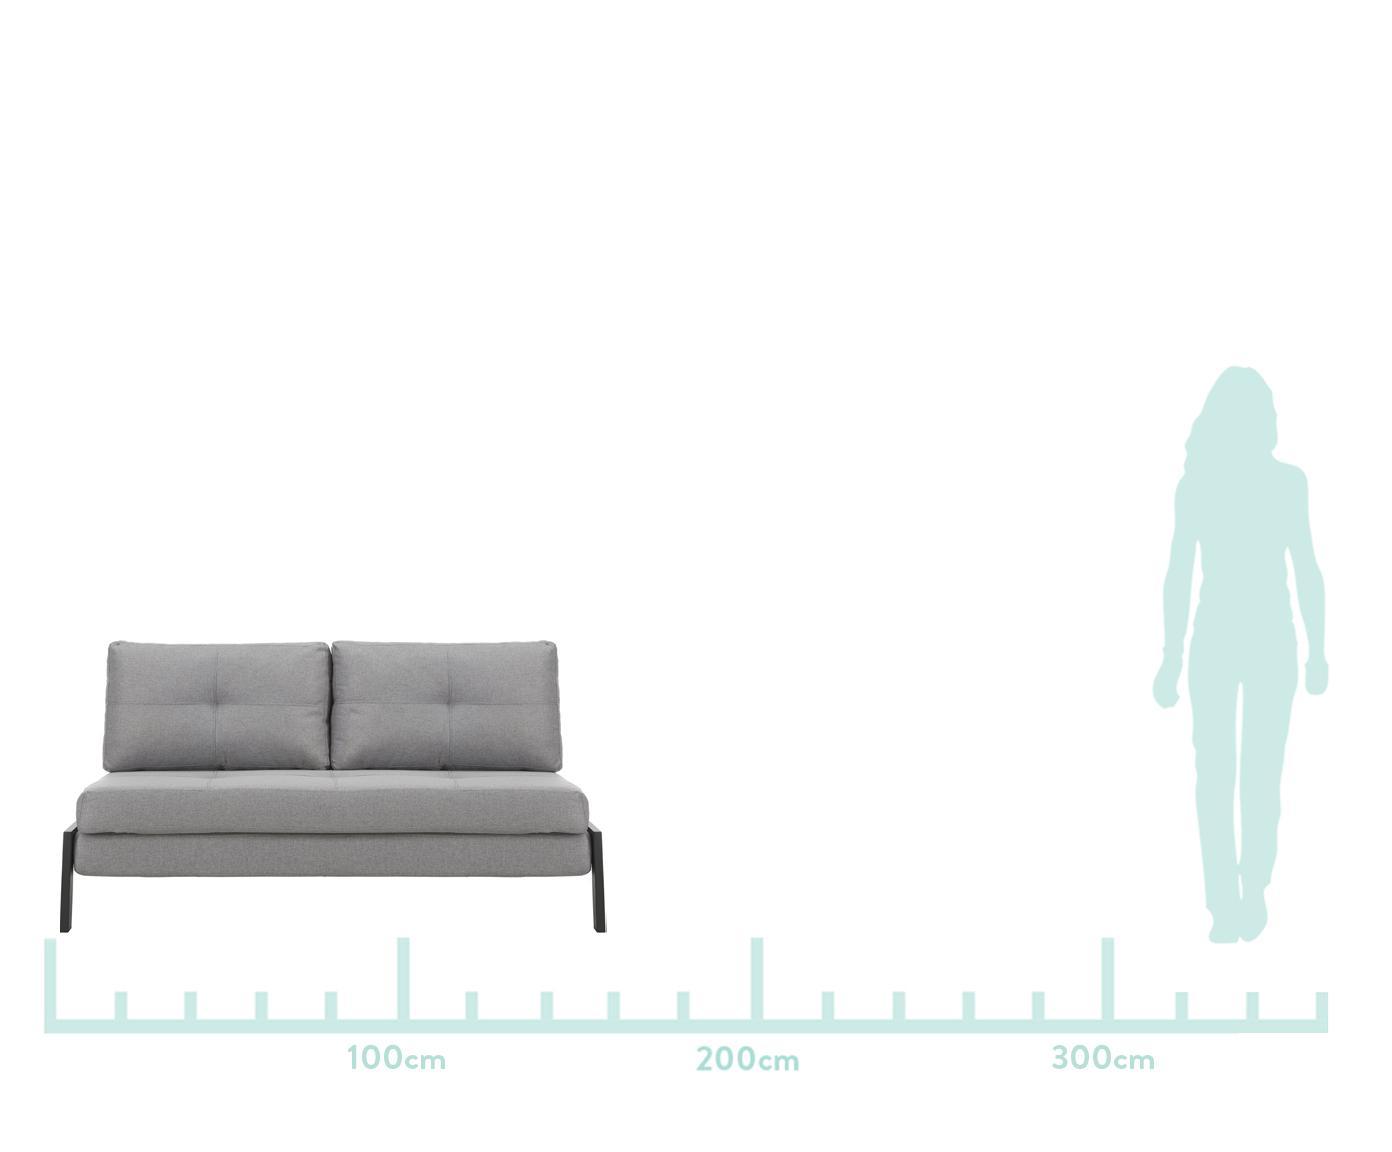 Schlafsofa Edward, Bezug: 100% Polyester 40.000 Sch, Webstoff Hellgrau, B 152 x T 96 cm